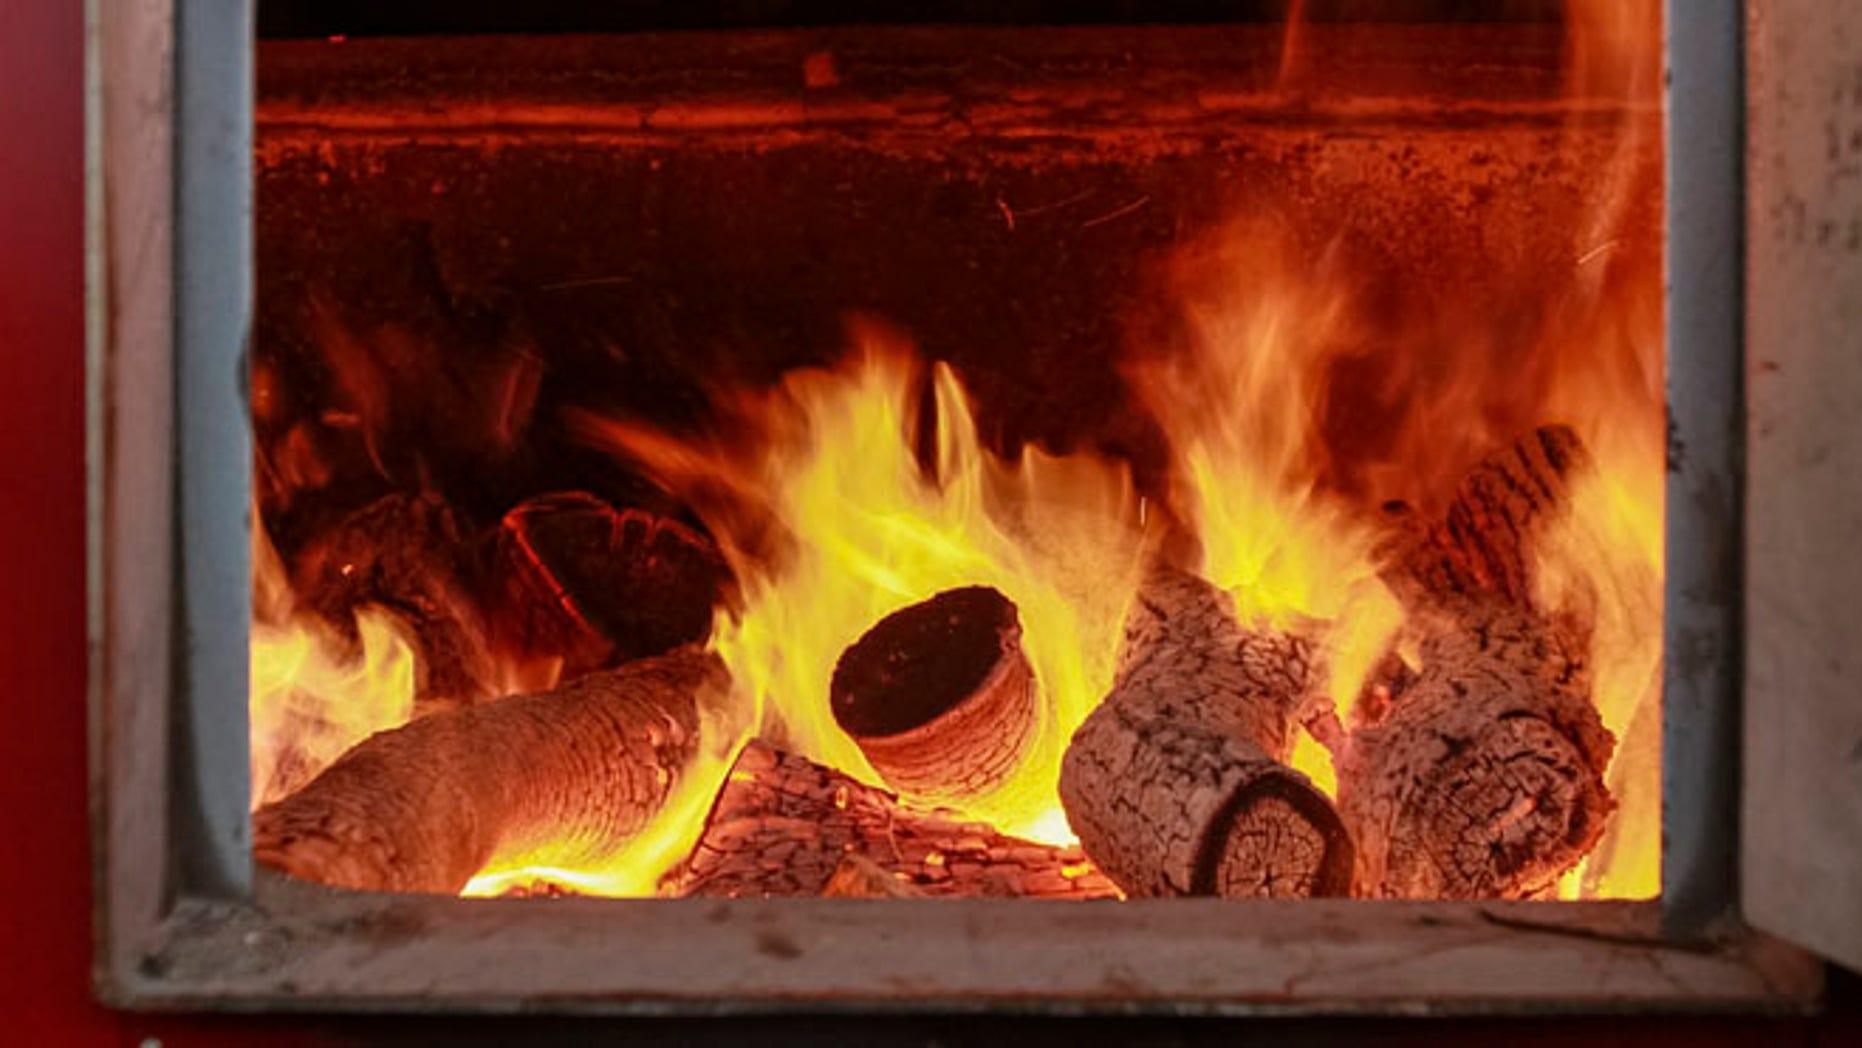 Wood burning stove, Nov. 18, 2013.